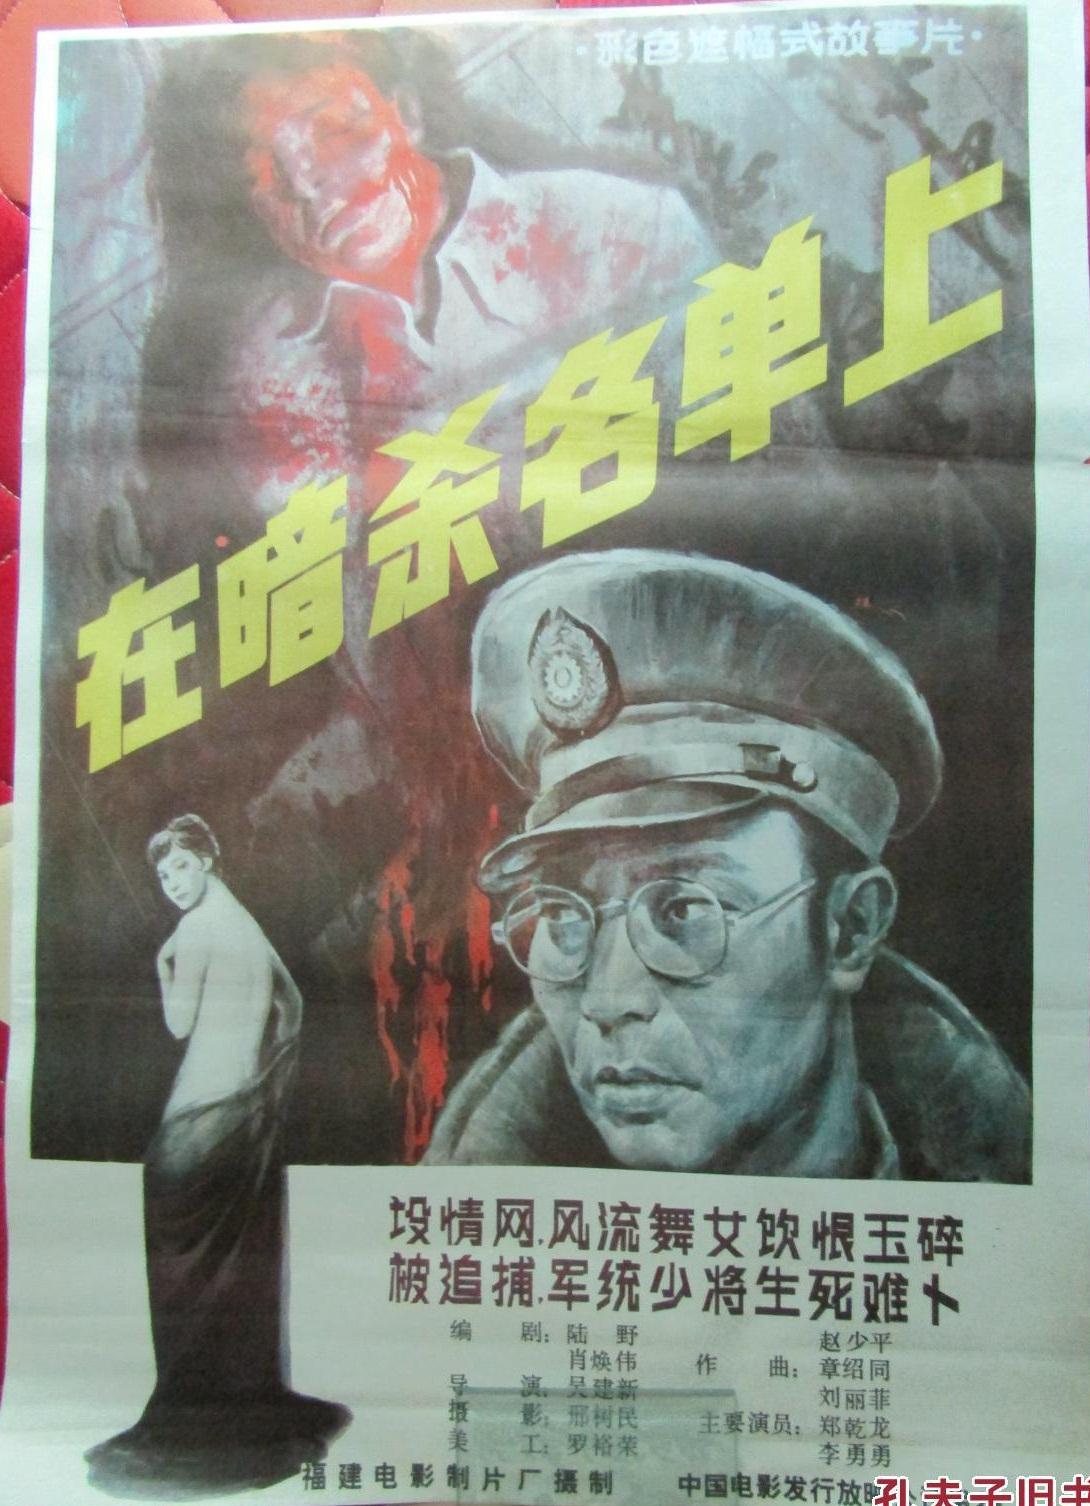 Zai an sha ming dan shang ((1988))